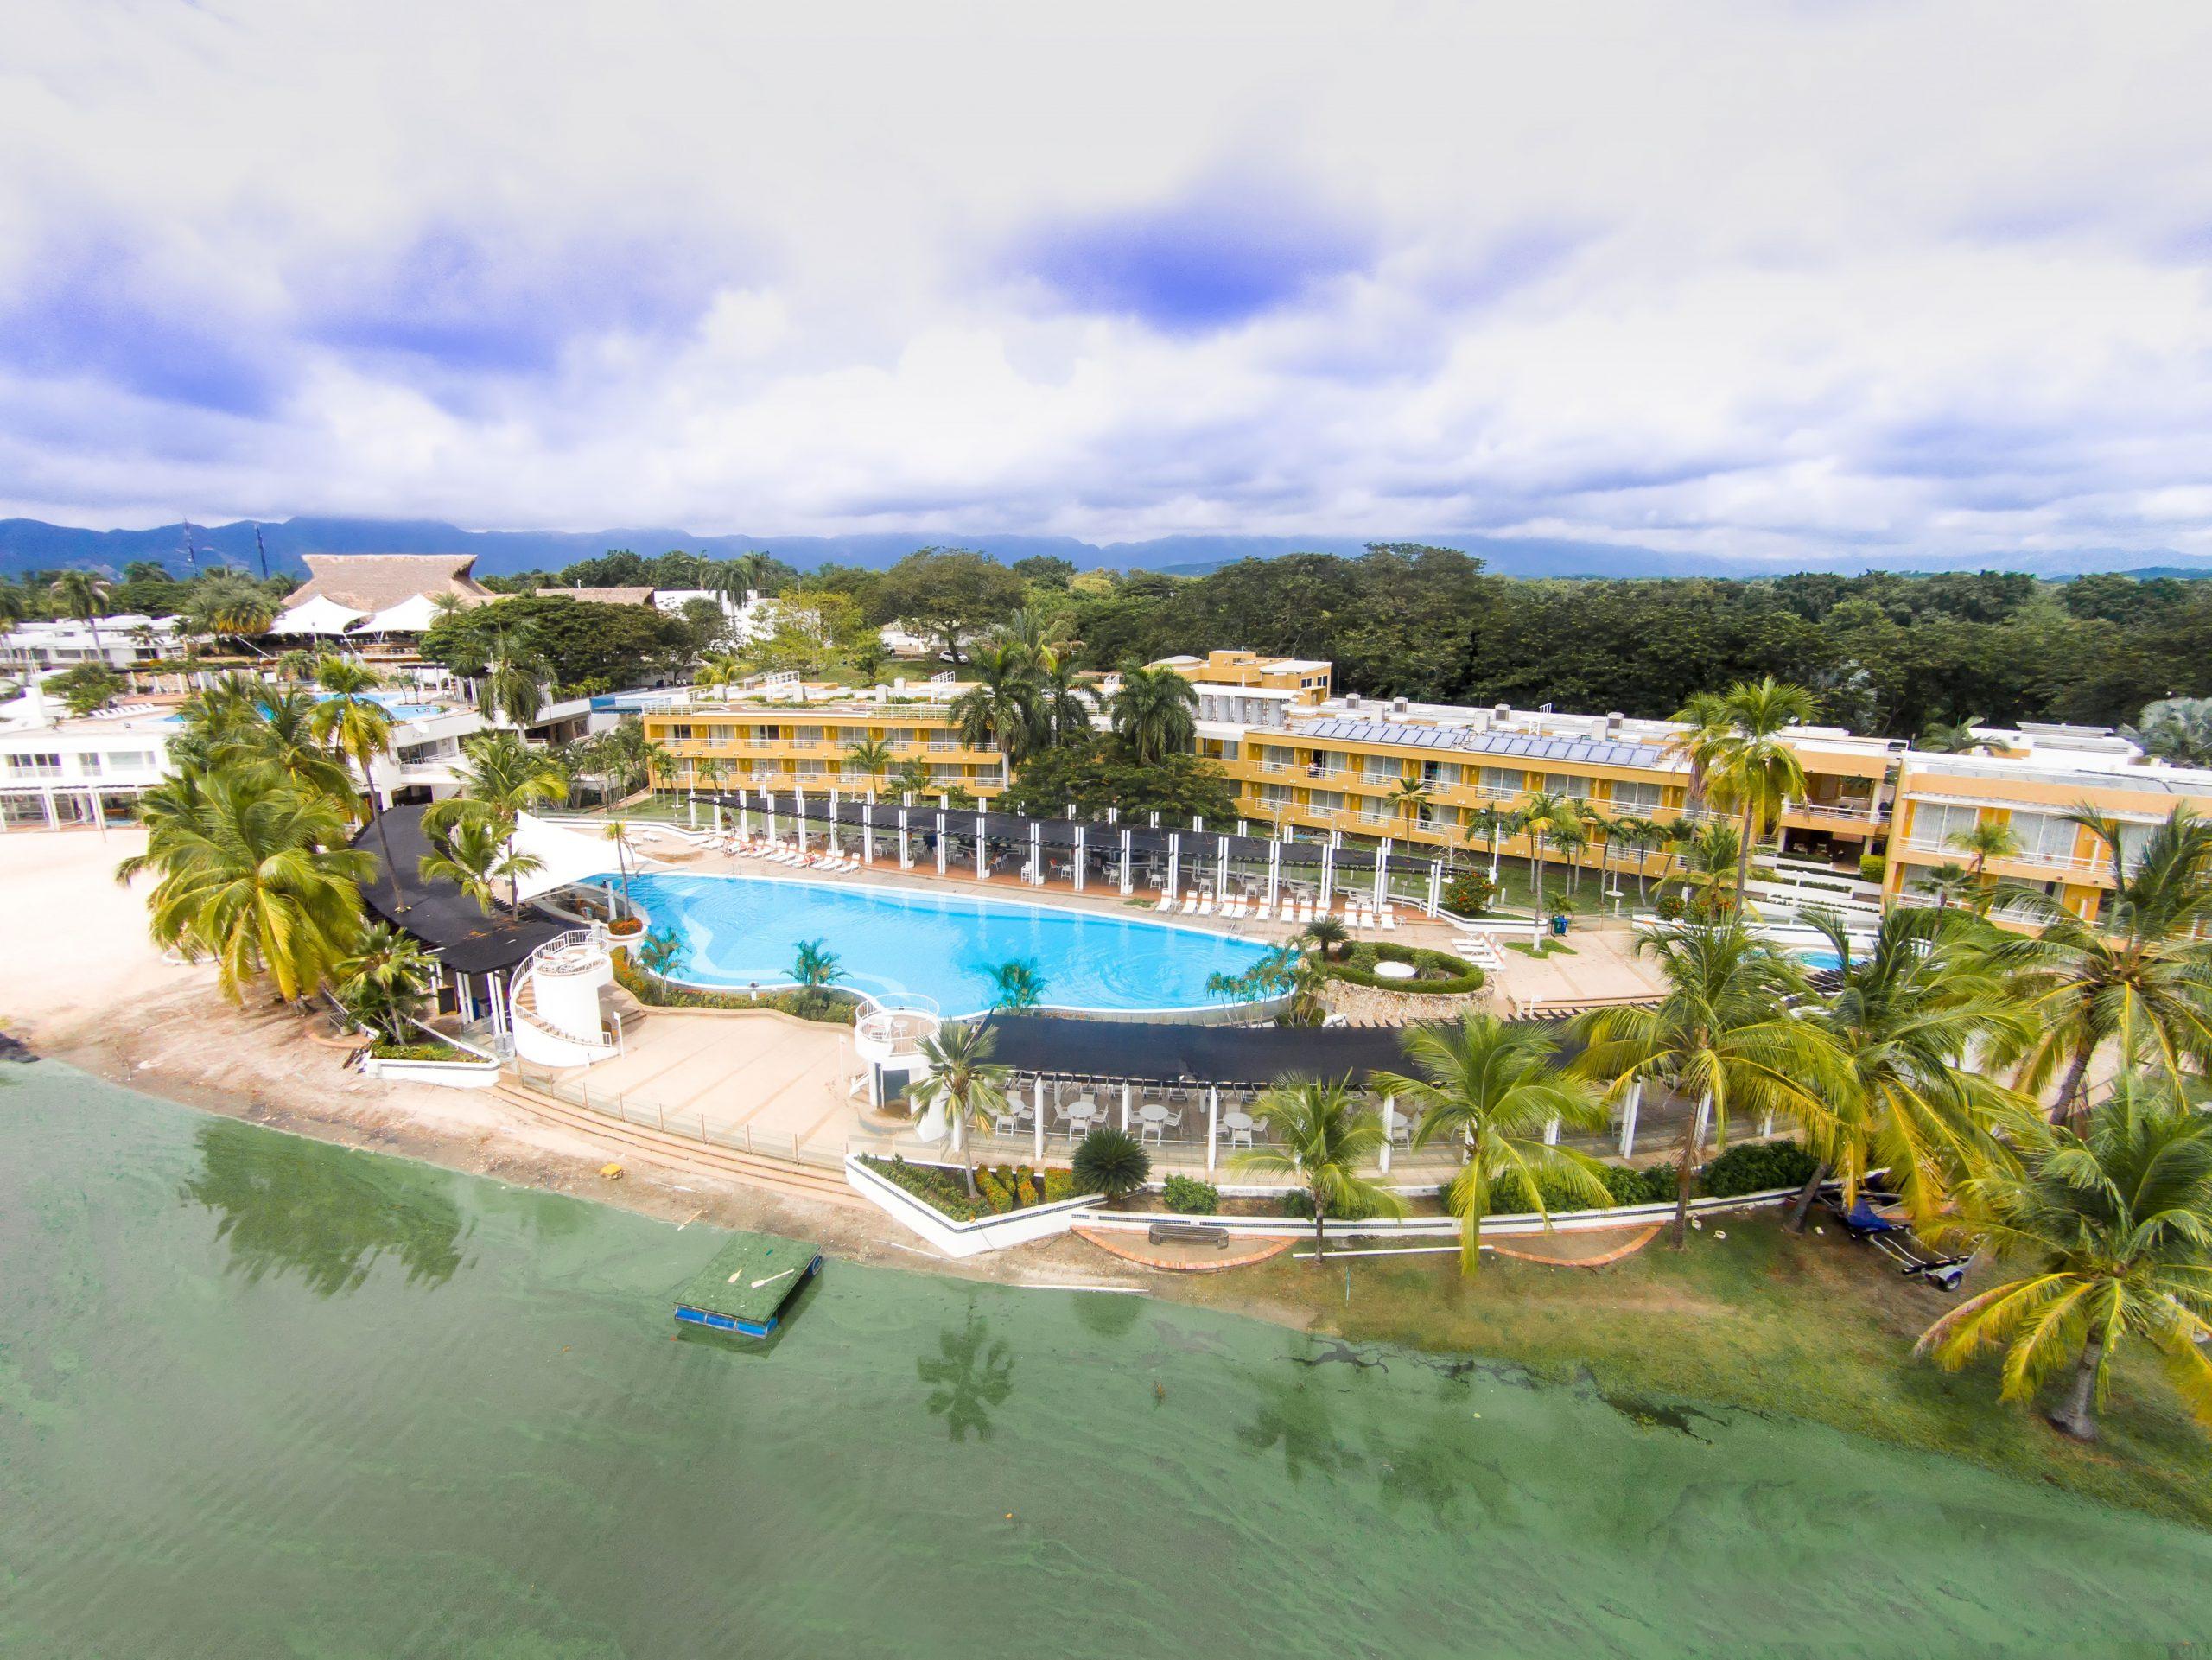 Hotel de Compensar Lagomar ubicado en El Peñón- Girardot